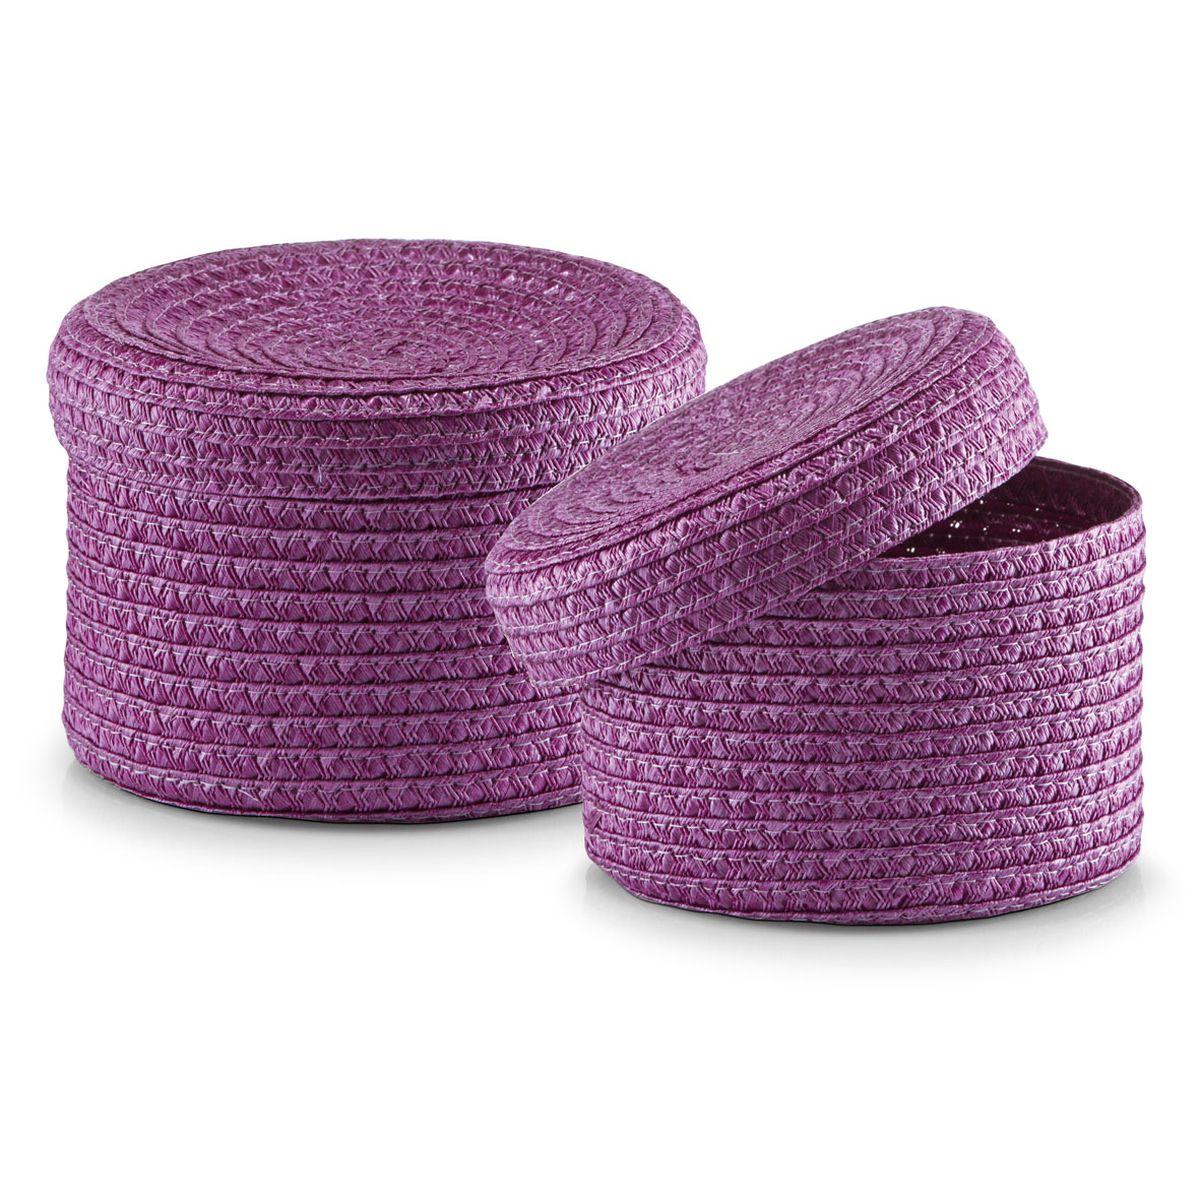 Набор корзин Zeller с крышками, цвет: фиолетовый, 2 шт14121Набор Zeller состоит из двух корзин разного размера. Корзинки изготовлены из текстиля и оснащены крышками. Изделия идеально подходят для упаковки подарков, цветочных композиций и подарочных наборов, для хранения различных вещей и аксессуаров. Так же они являются прекрасным декоративным элементом интерьера.Такие корзины будут создавать уют и комфорт в вашем доме и станут отличным подарком. Диаметр корзин: 16 см, 17 см. Высота корзин: 10 см, 12 см.